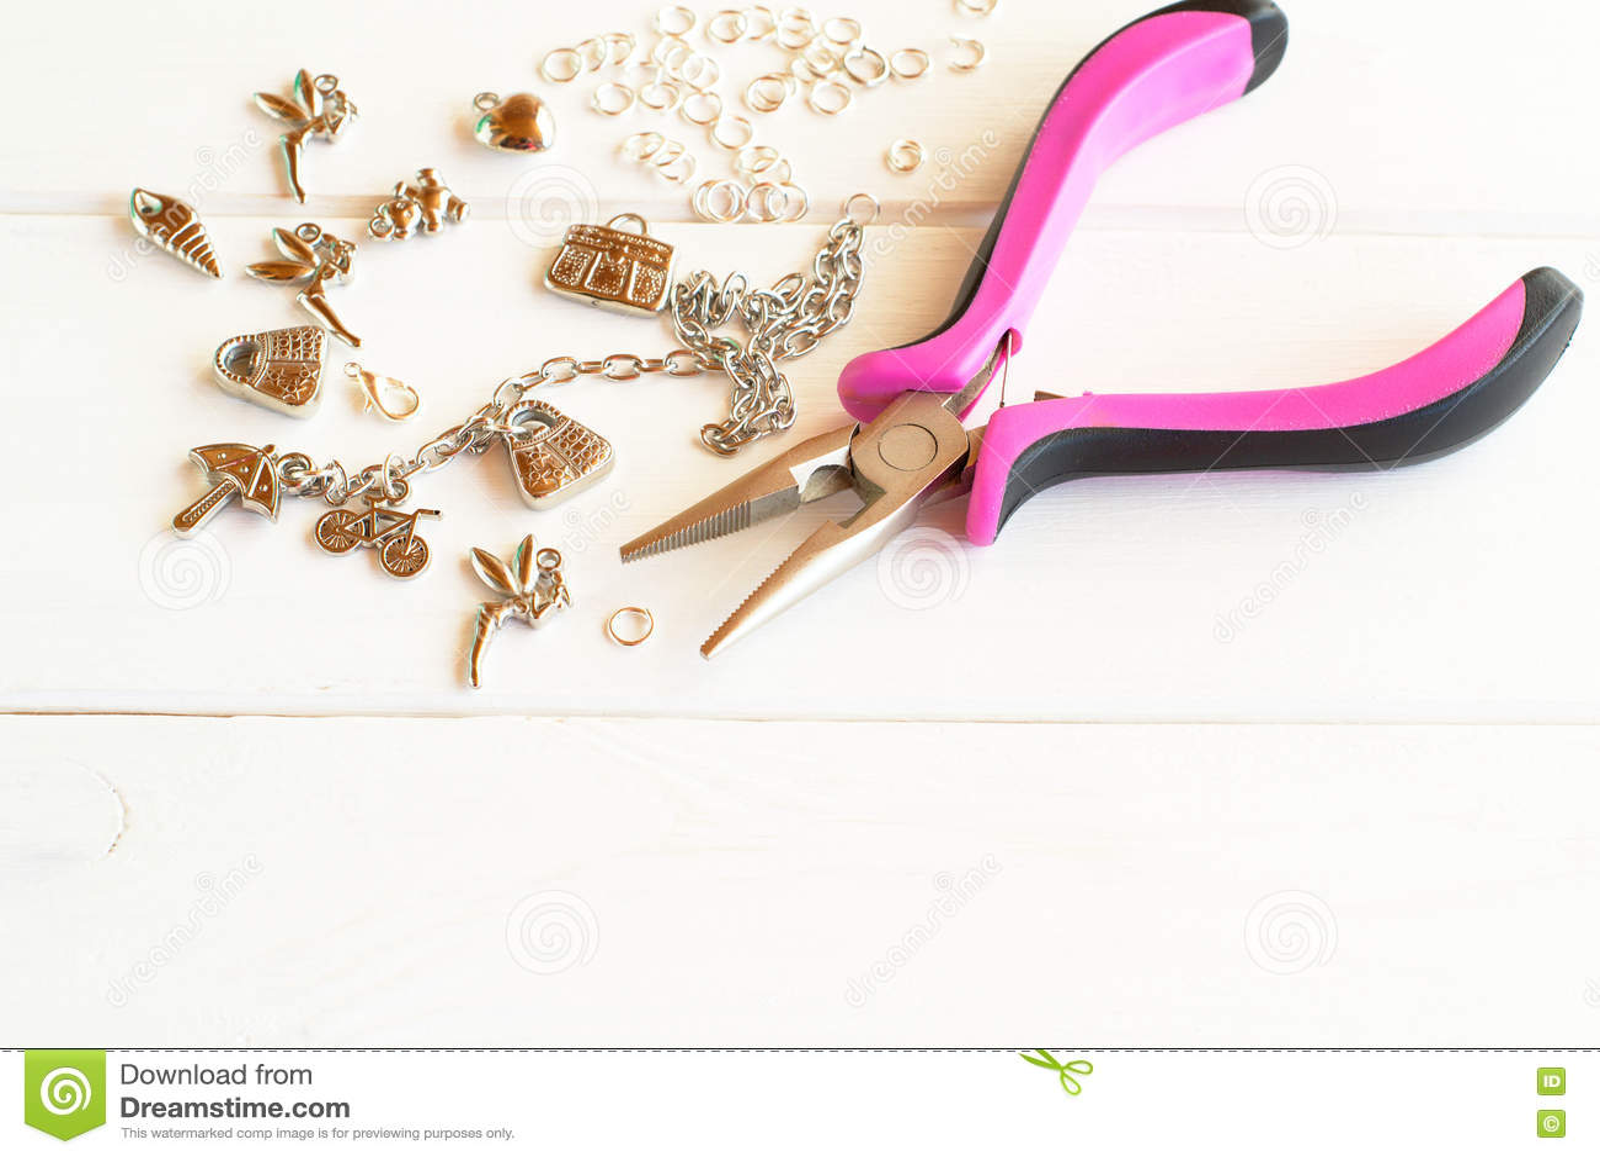 pinces, chaîne, anneaux en métal et pendants sur un fond en bois